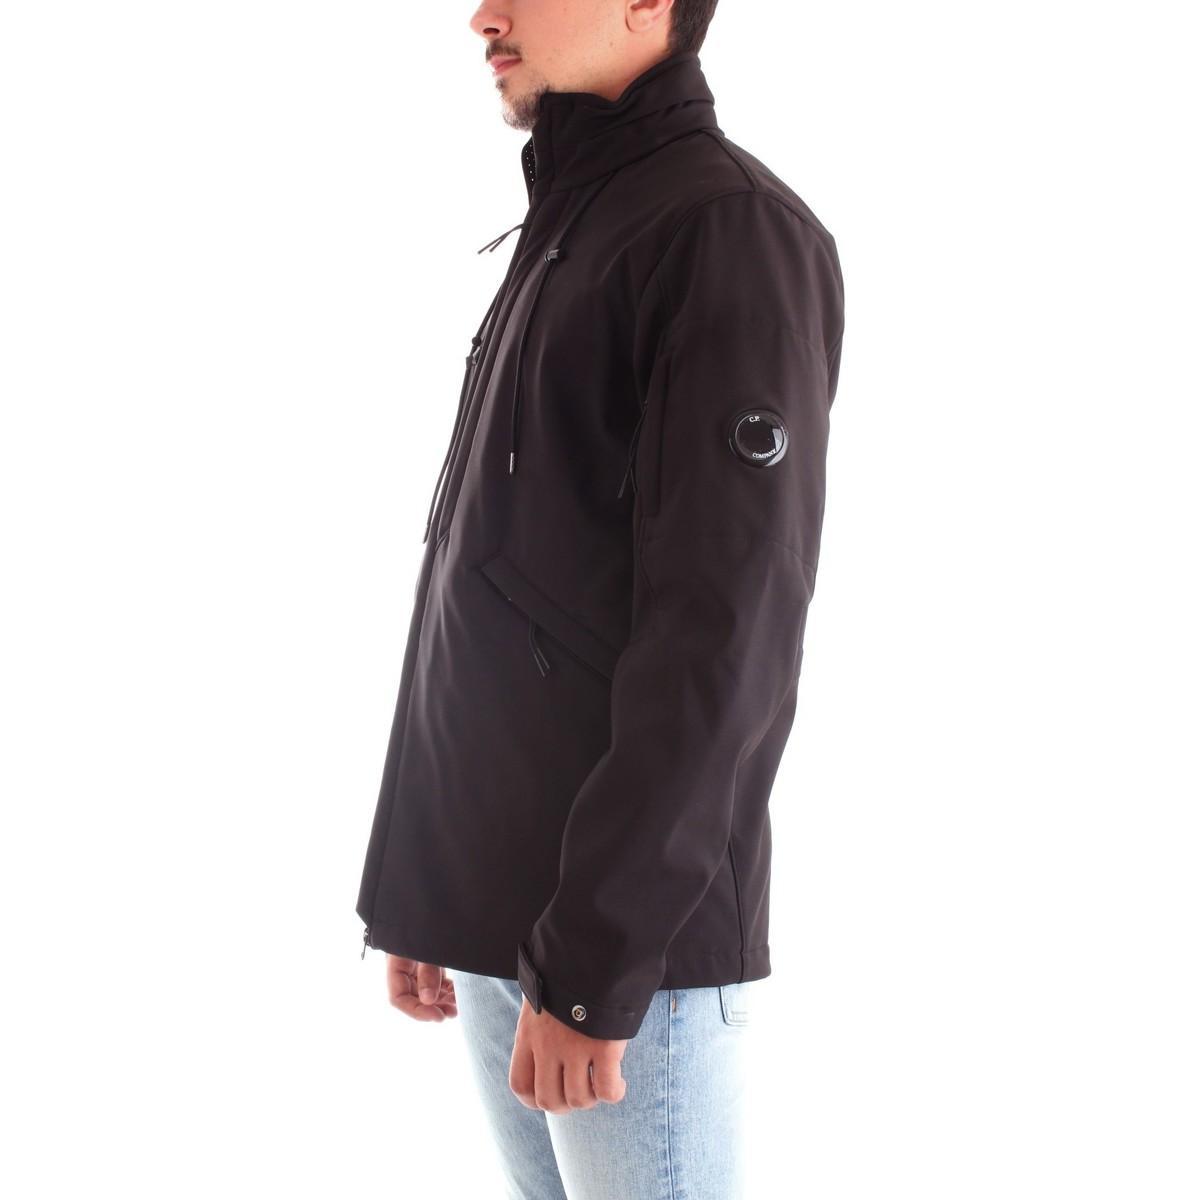 07CMOW016A-005242A hommes Blouson en Noir C P Company pour homme en coloris Noir RTQeL